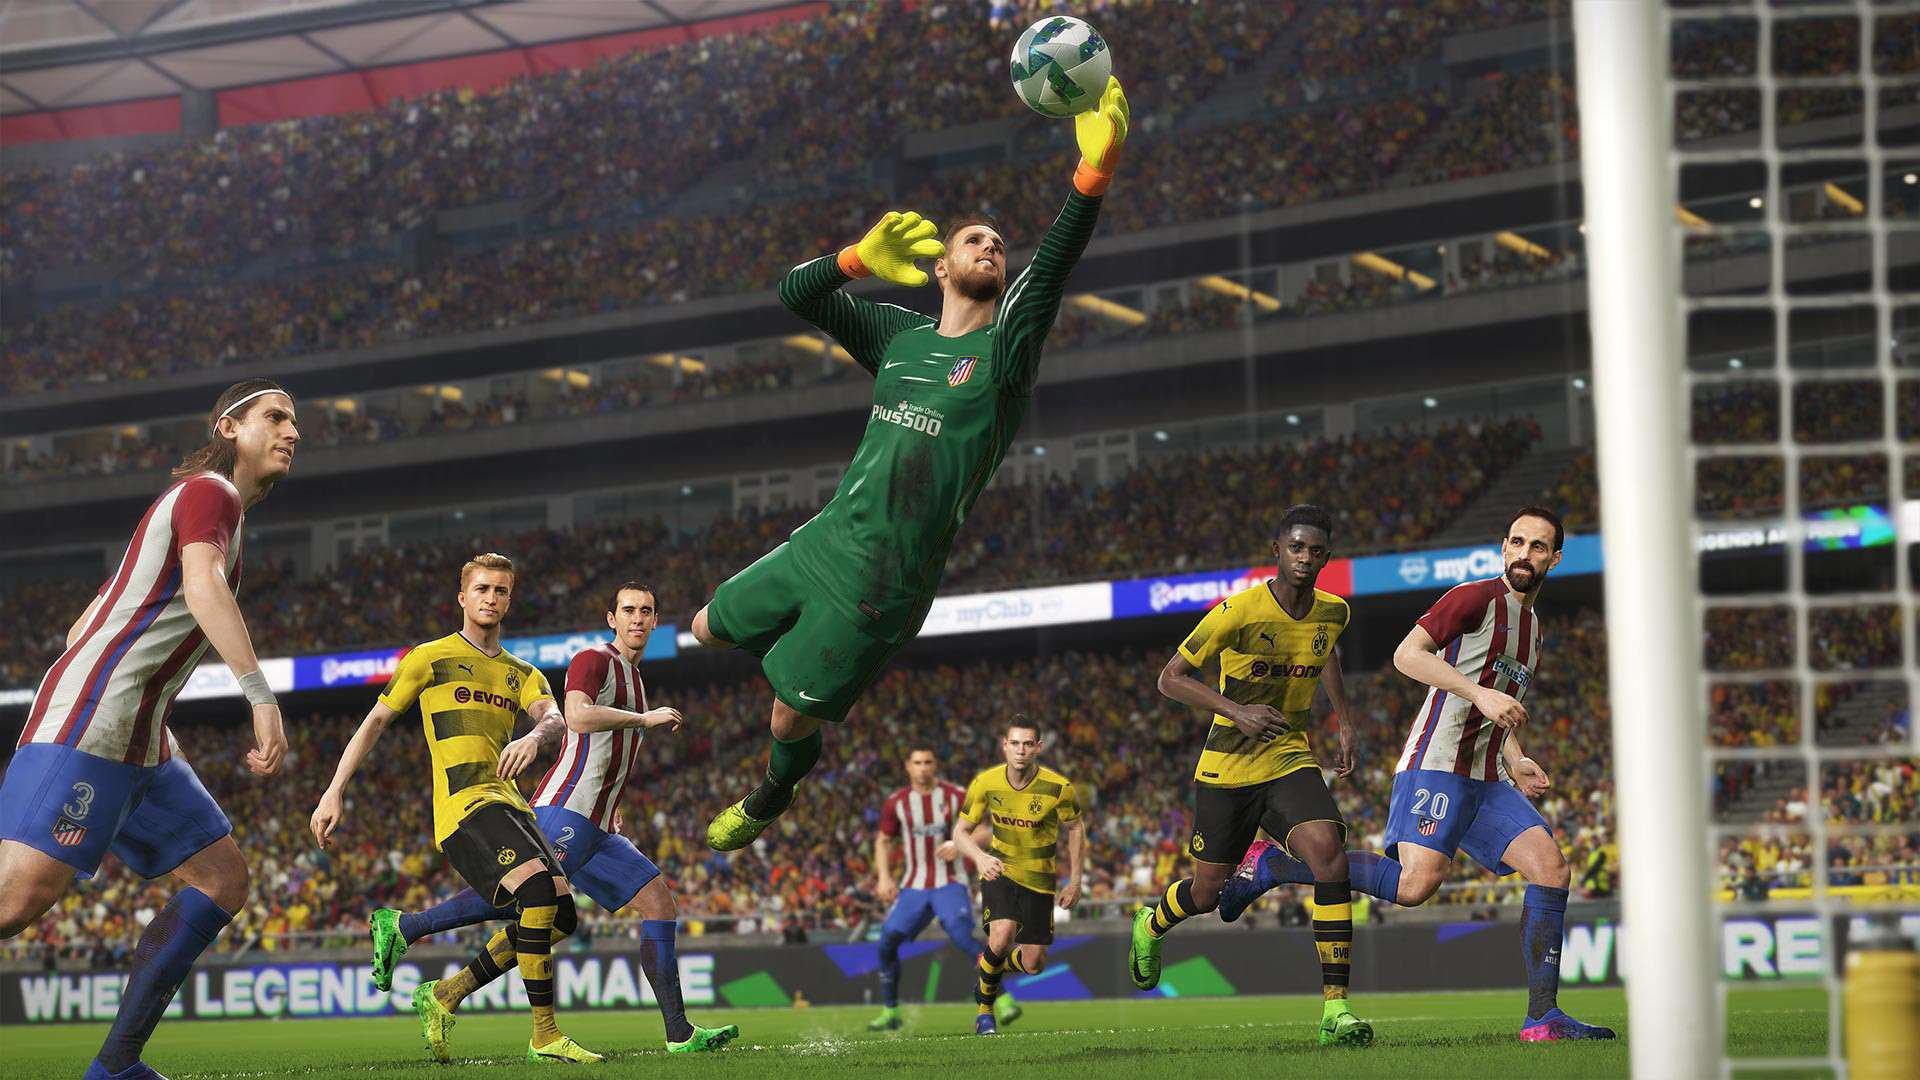 Pro Evolution Soccer 2018 Barcelona Edition   PES 2018 7